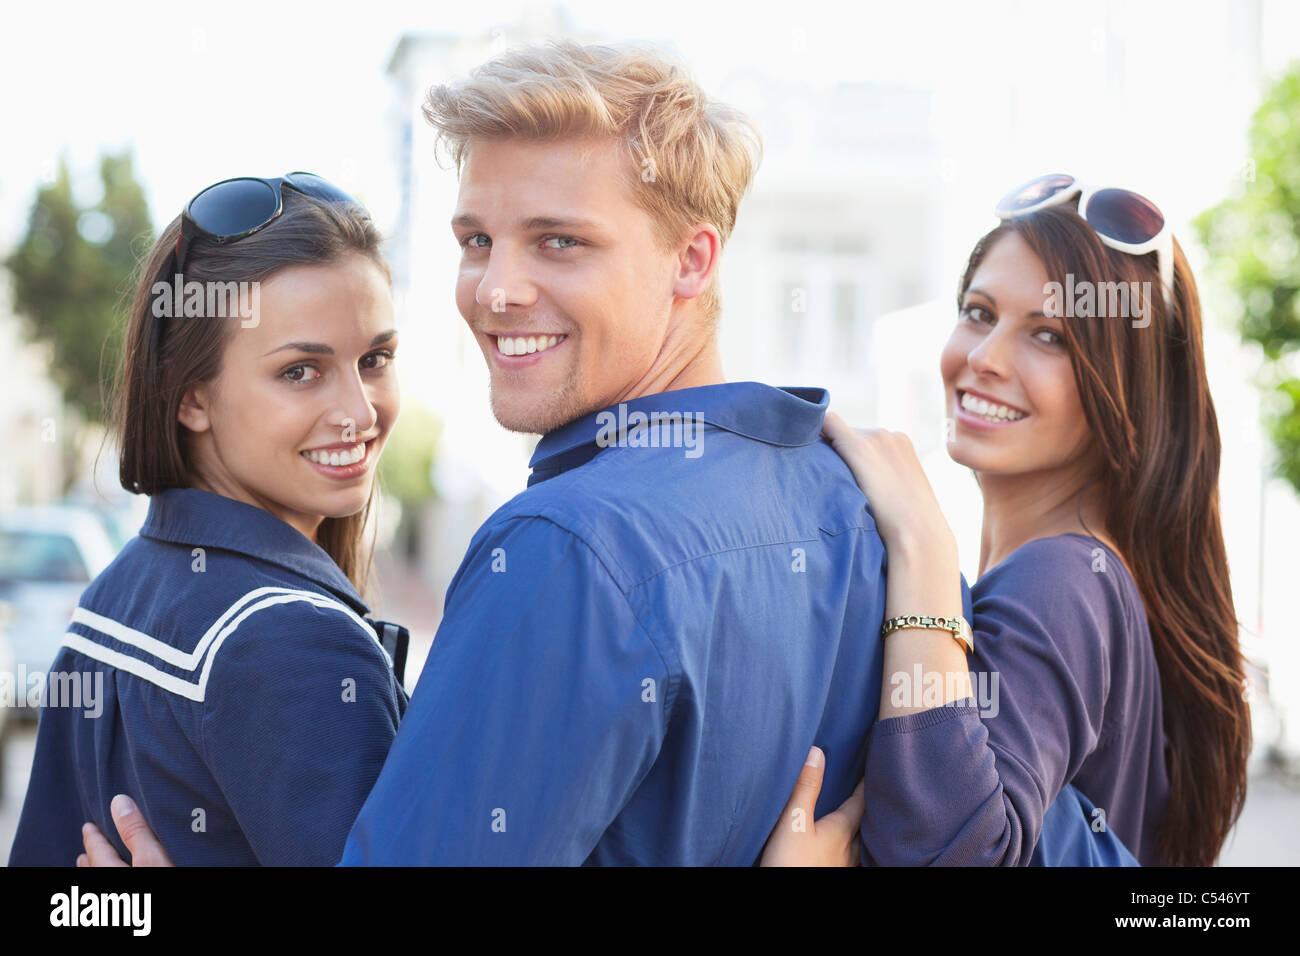 Retrato de un joven con dos mujeres sonriendo Imagen De Stock